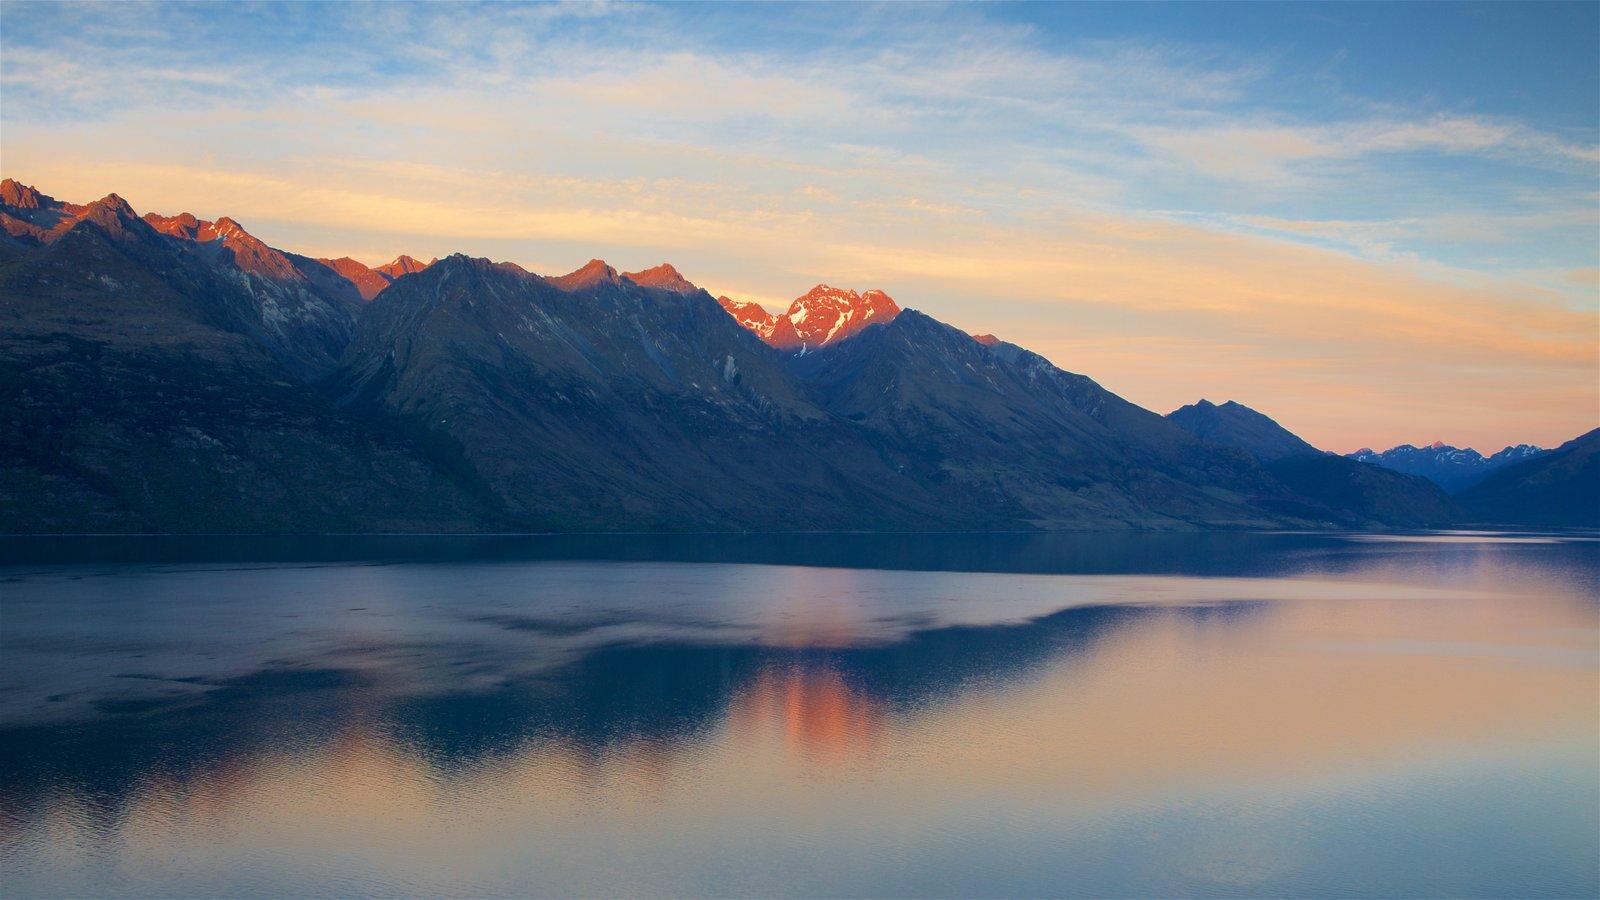 Lake Wakatipu showing mountains, a sunset and a lake or waterhole